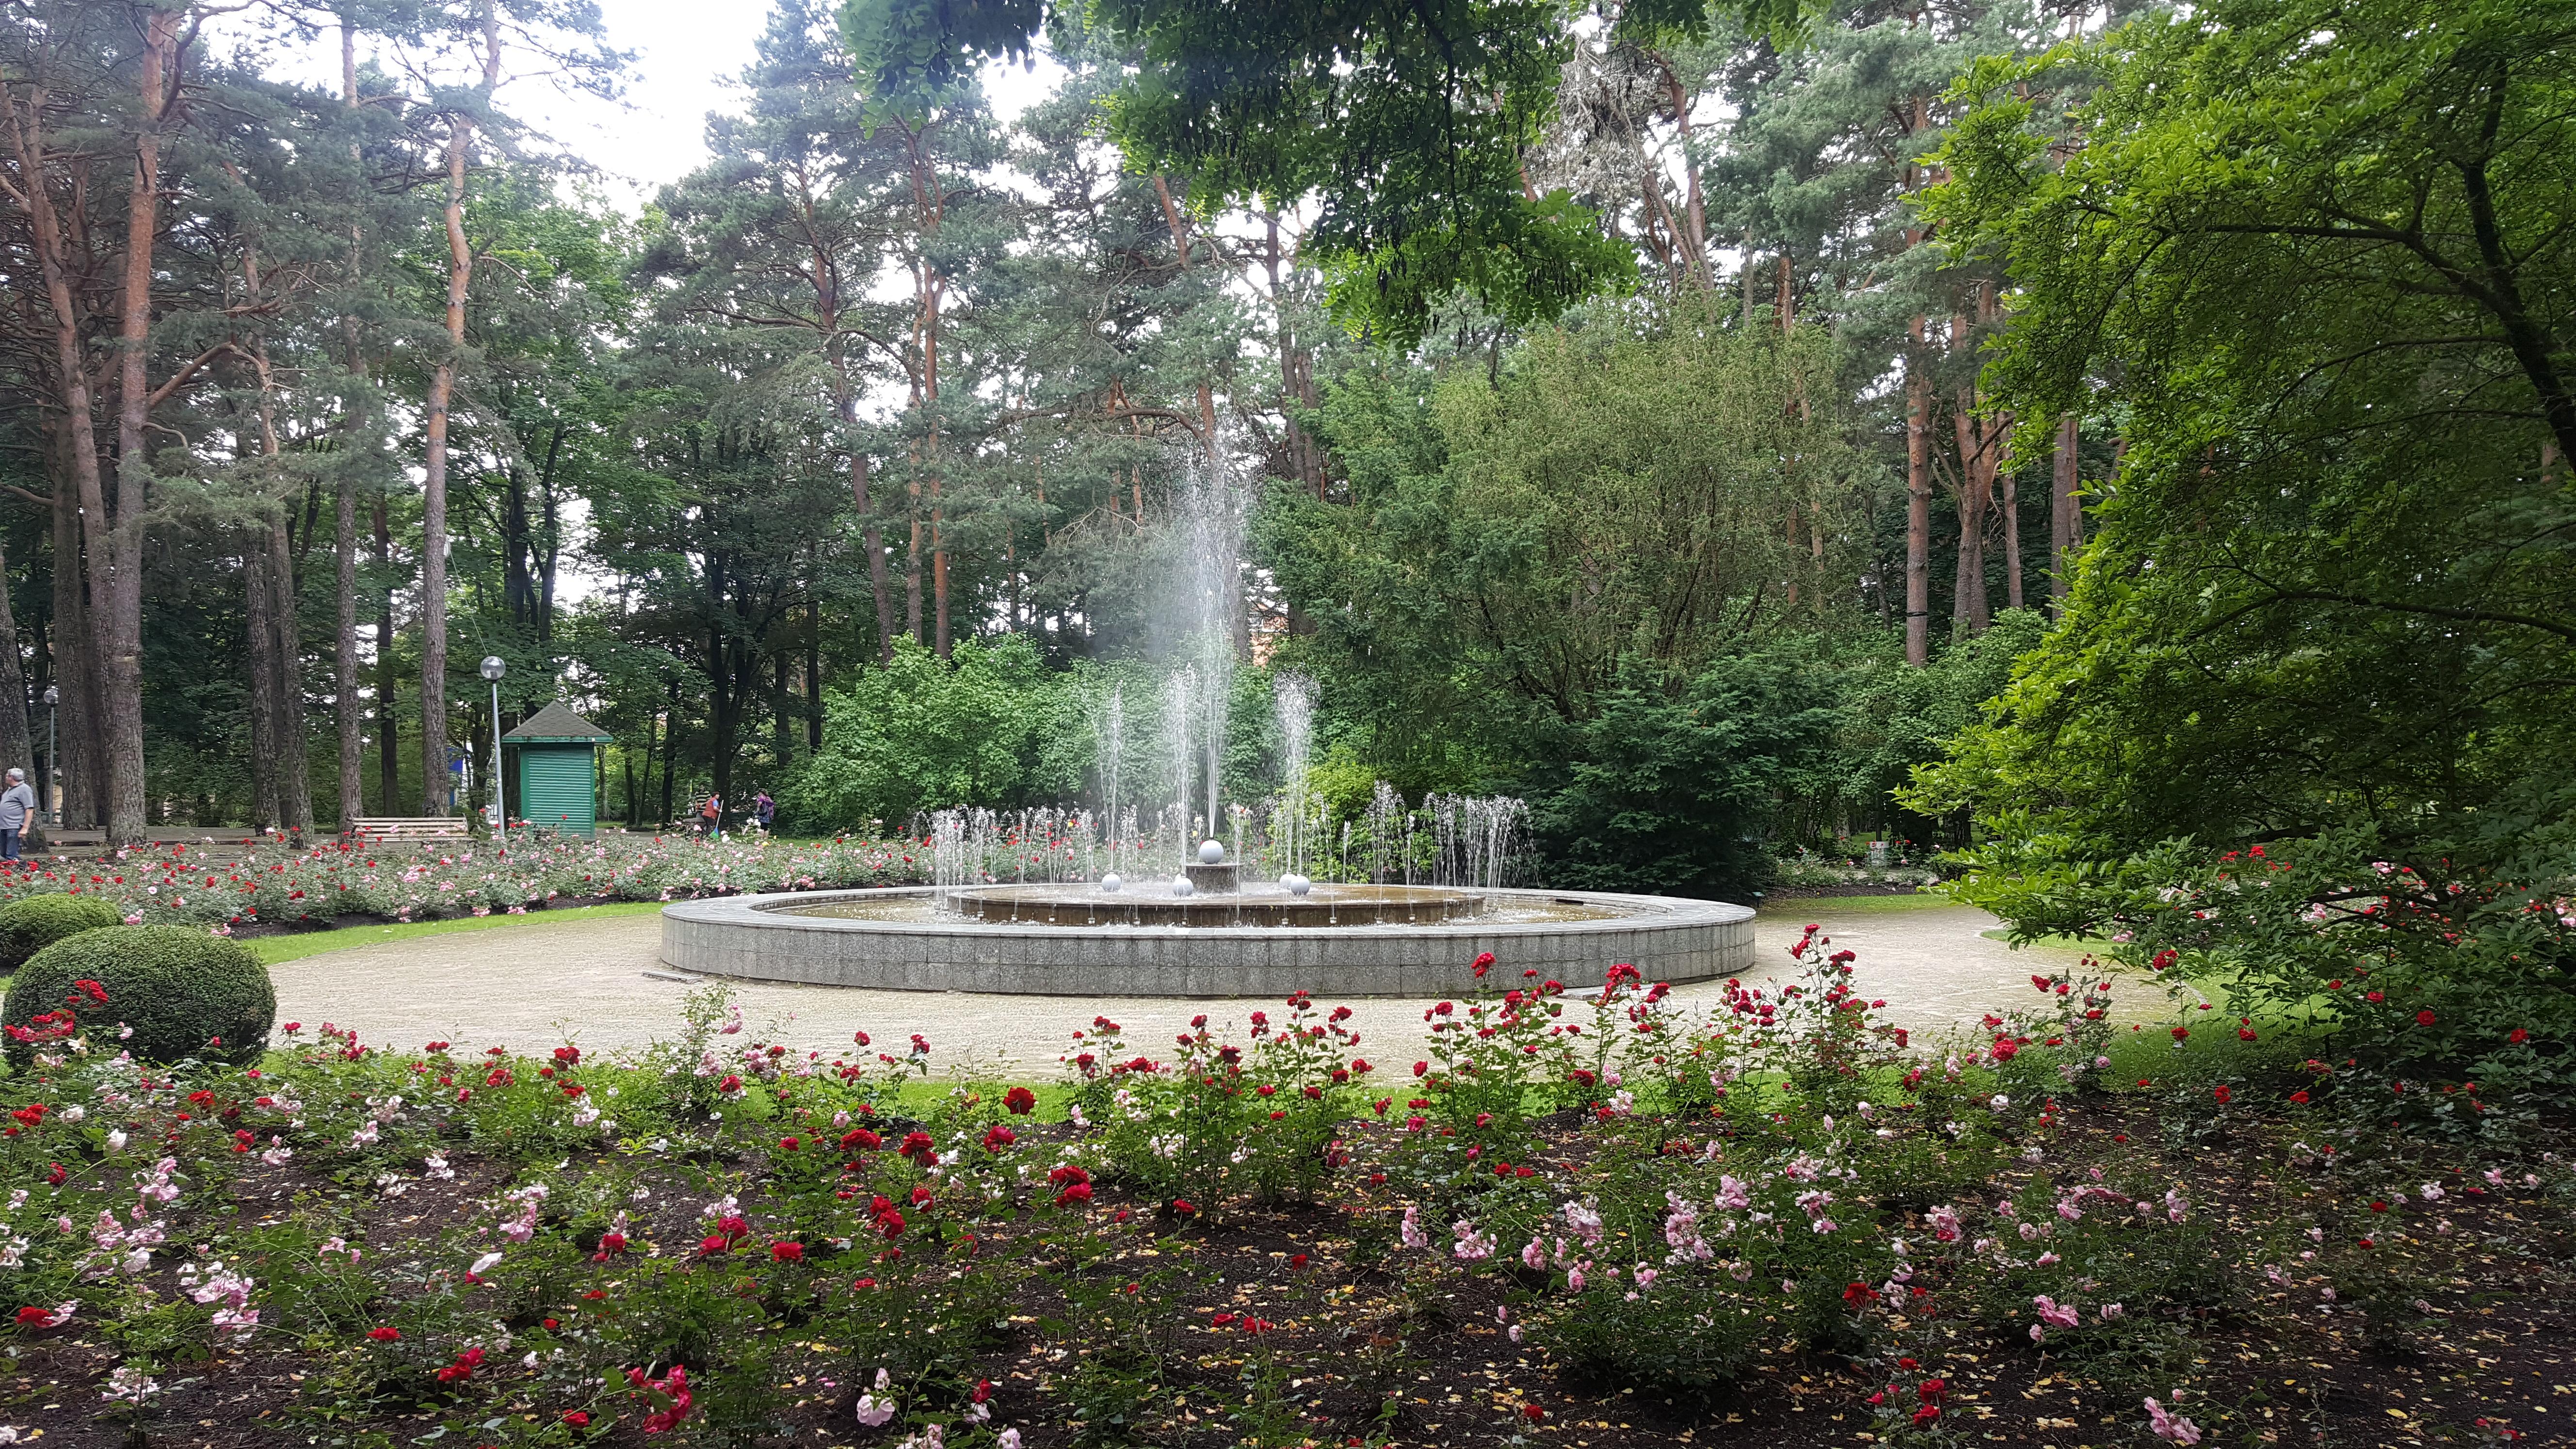 Alytaus miesto sode keičiami suoliukai: siekiama atgaivinti tarpukario vaizdą